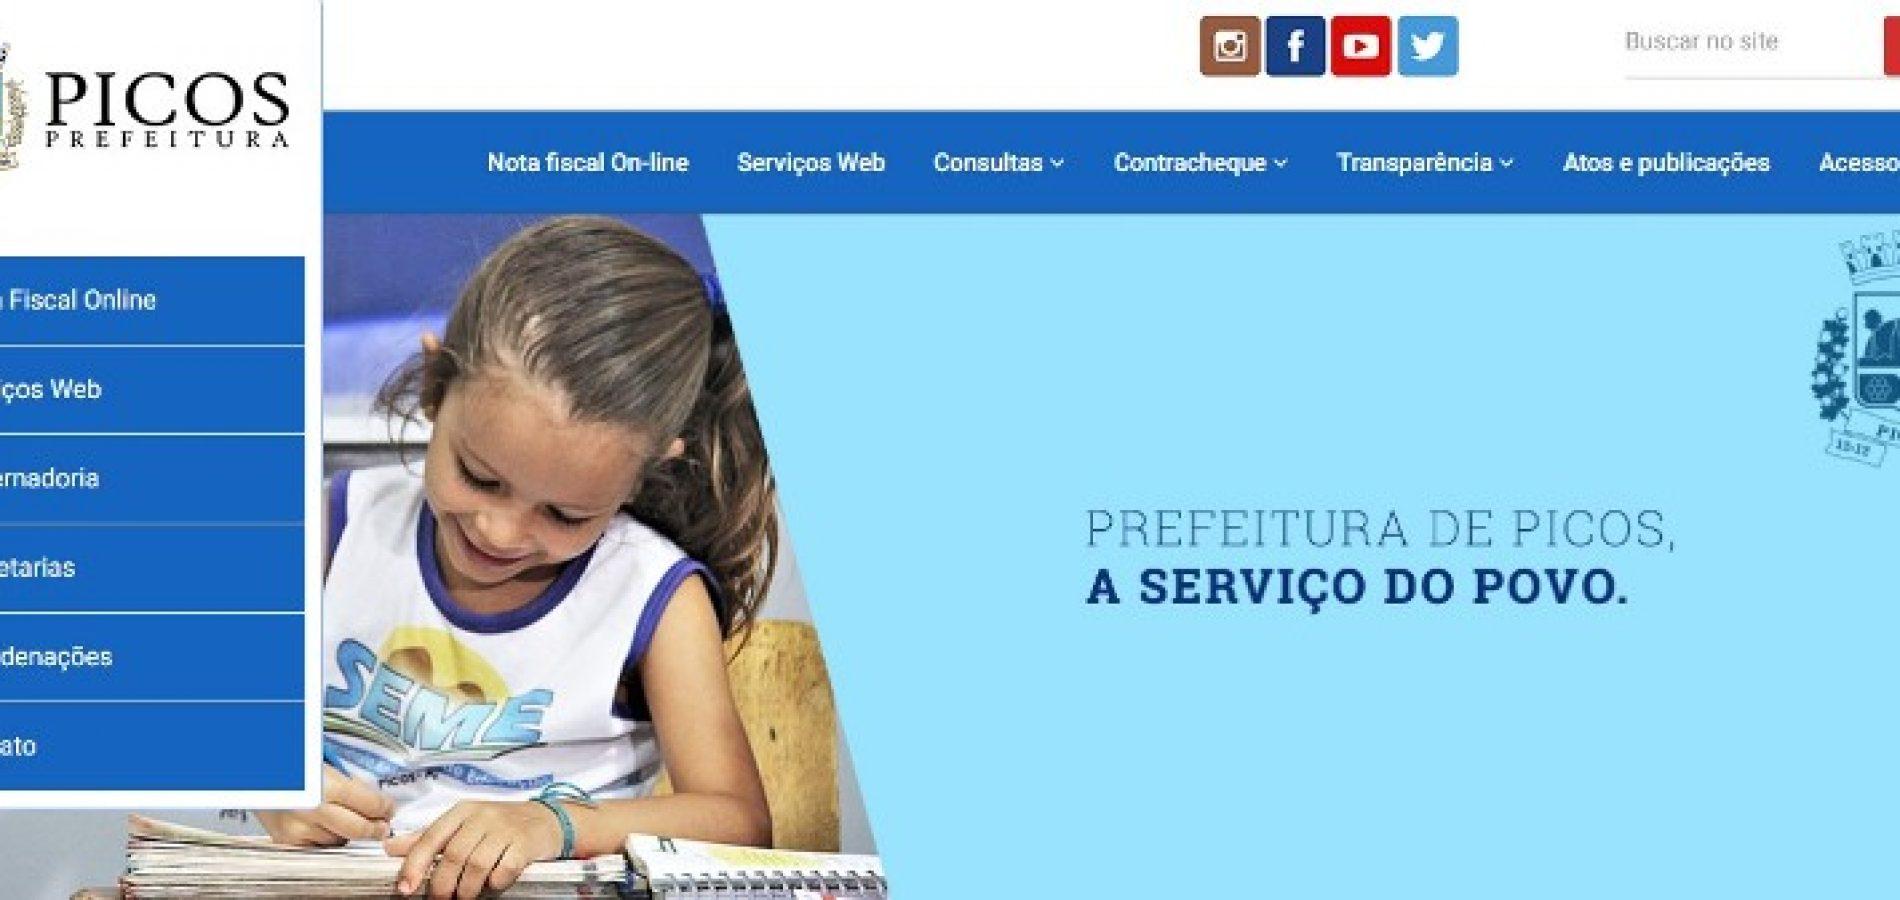 Prefeitura de Picos: sistema do site passará por manutenção nesta quinta-feira (11)